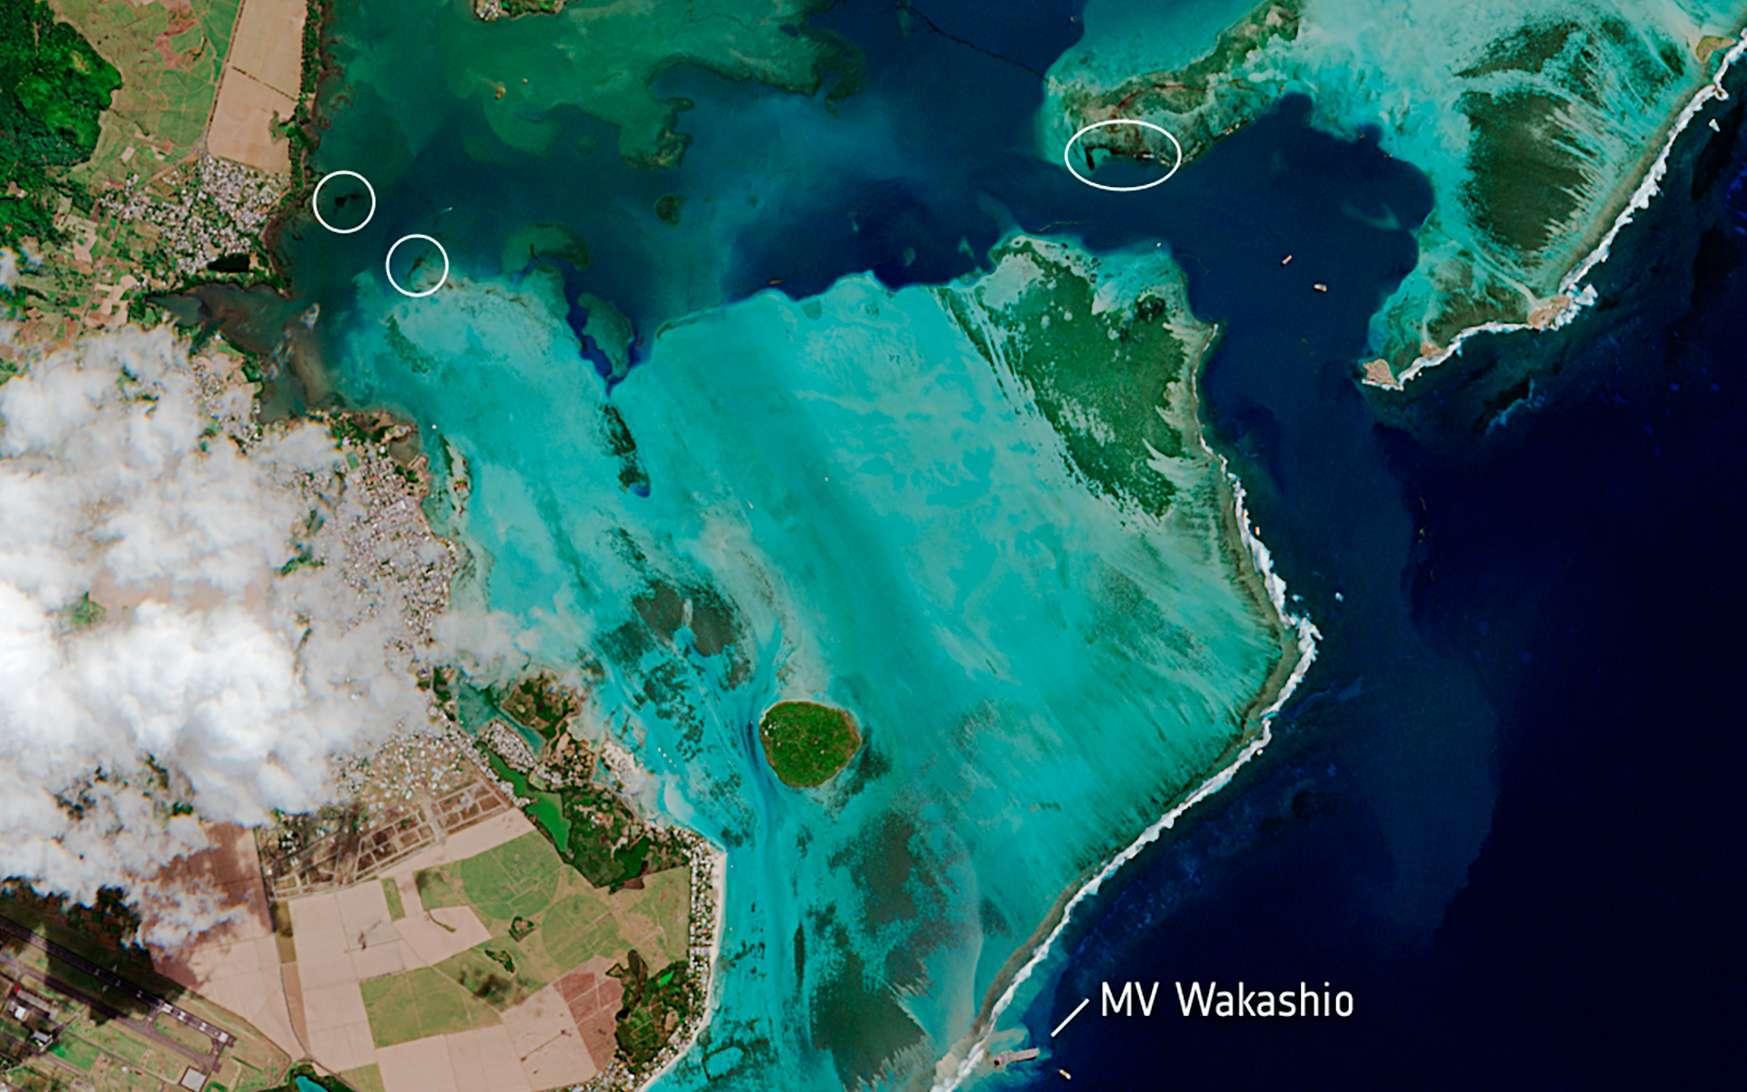 Sur cette image, acquise le 11 août par le satellite Sentinel-2, le MV Wakashio, visible en bas de l'image, est échoué près de la pointe d'Esny, une zone humide importante. La nappe de pétrole peut être vue comme une fine ligne noire entourée par les couleurs turquoise vives de l'océan Indien. L'huile est visible près du bateau, ainsi qu'à d'autres endroits autour du lagon. © contains modified Copernicus Sentinel data (2020), processed by ESA, CC by-sa 3.0 IGO